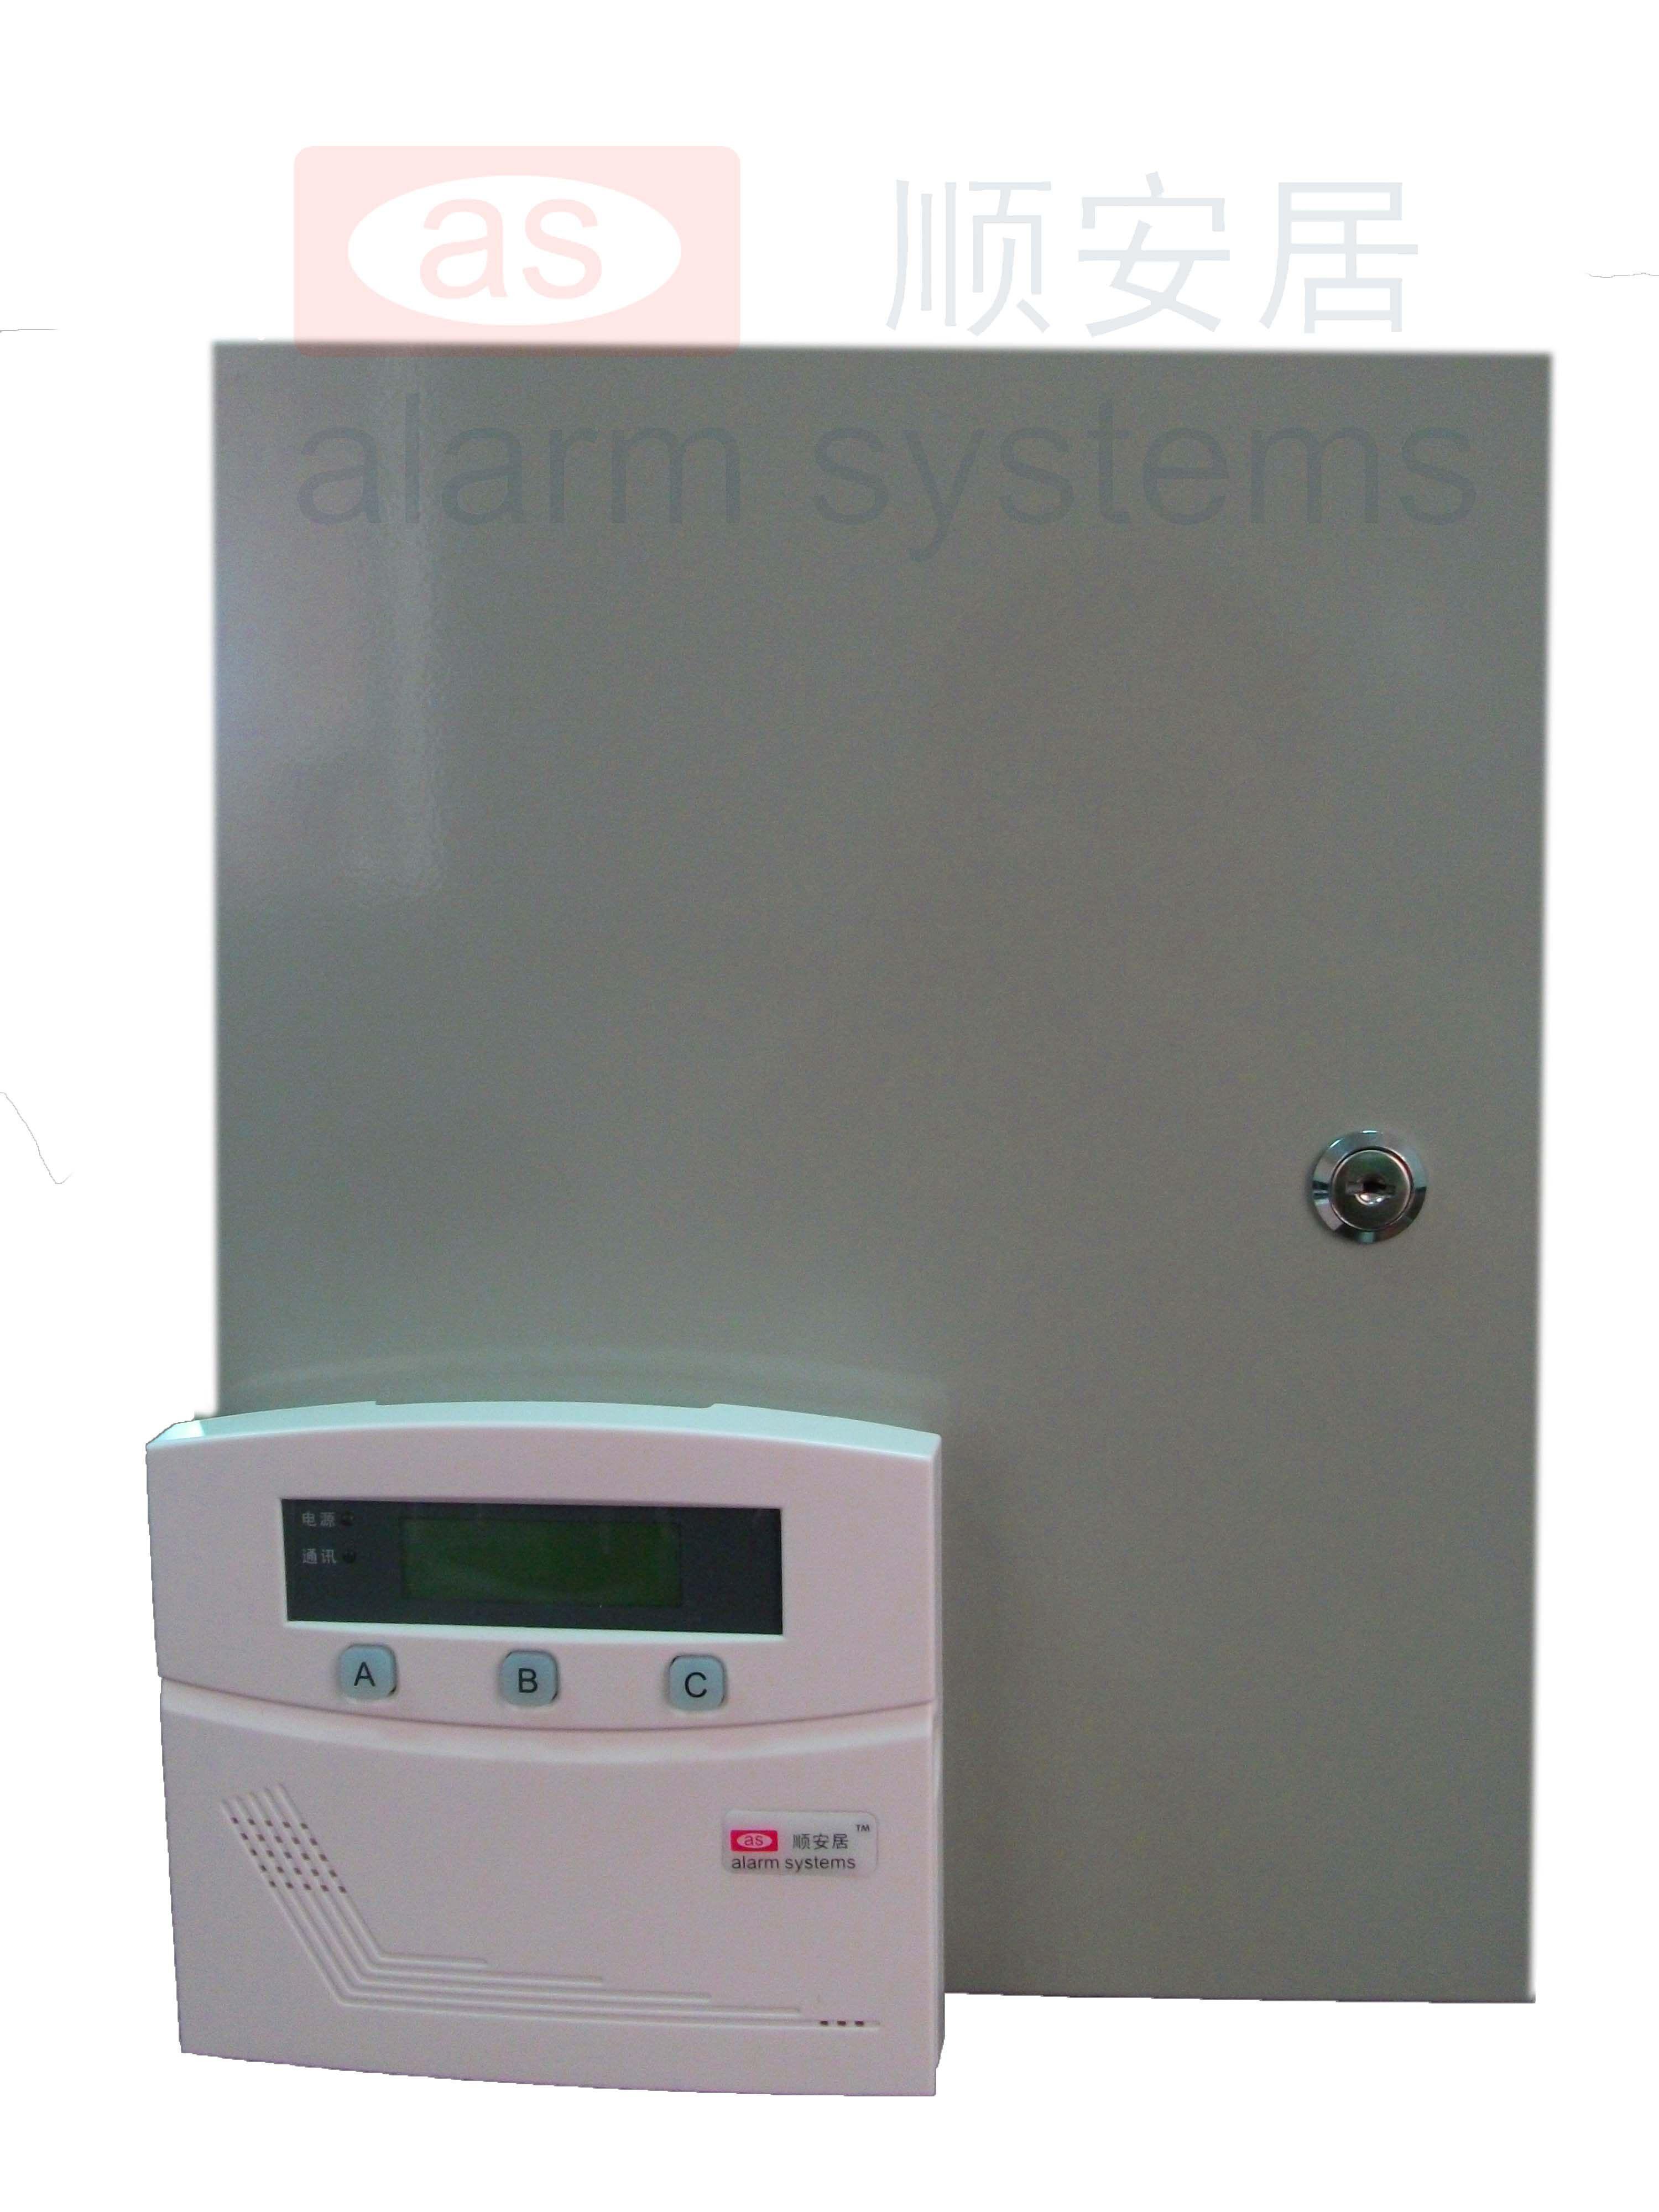 AS-8000 智能小区联网报警系统报警器 最多可接120个楼栋通讯机(AS-8120):自身带有8个有线,通过通讯接口可以外接最多14400个报警模块或者可独立布撤防的8防区小主机,每个输入设备最多可接8个防区,最大支持防区数115208。 整个主机可以分为8个子系统,每个子系统相当于一台主机。 外接的楼栋通讯机从000设备开始,按照地址码的顺序,最大120个设备,地址码是119,每个键盘可以拥有其中的1个或多个设备,各键盘分别对自己的所管辖的所有设备同时进行布防、撤防等操作;键盘可以对单个设备独立进行